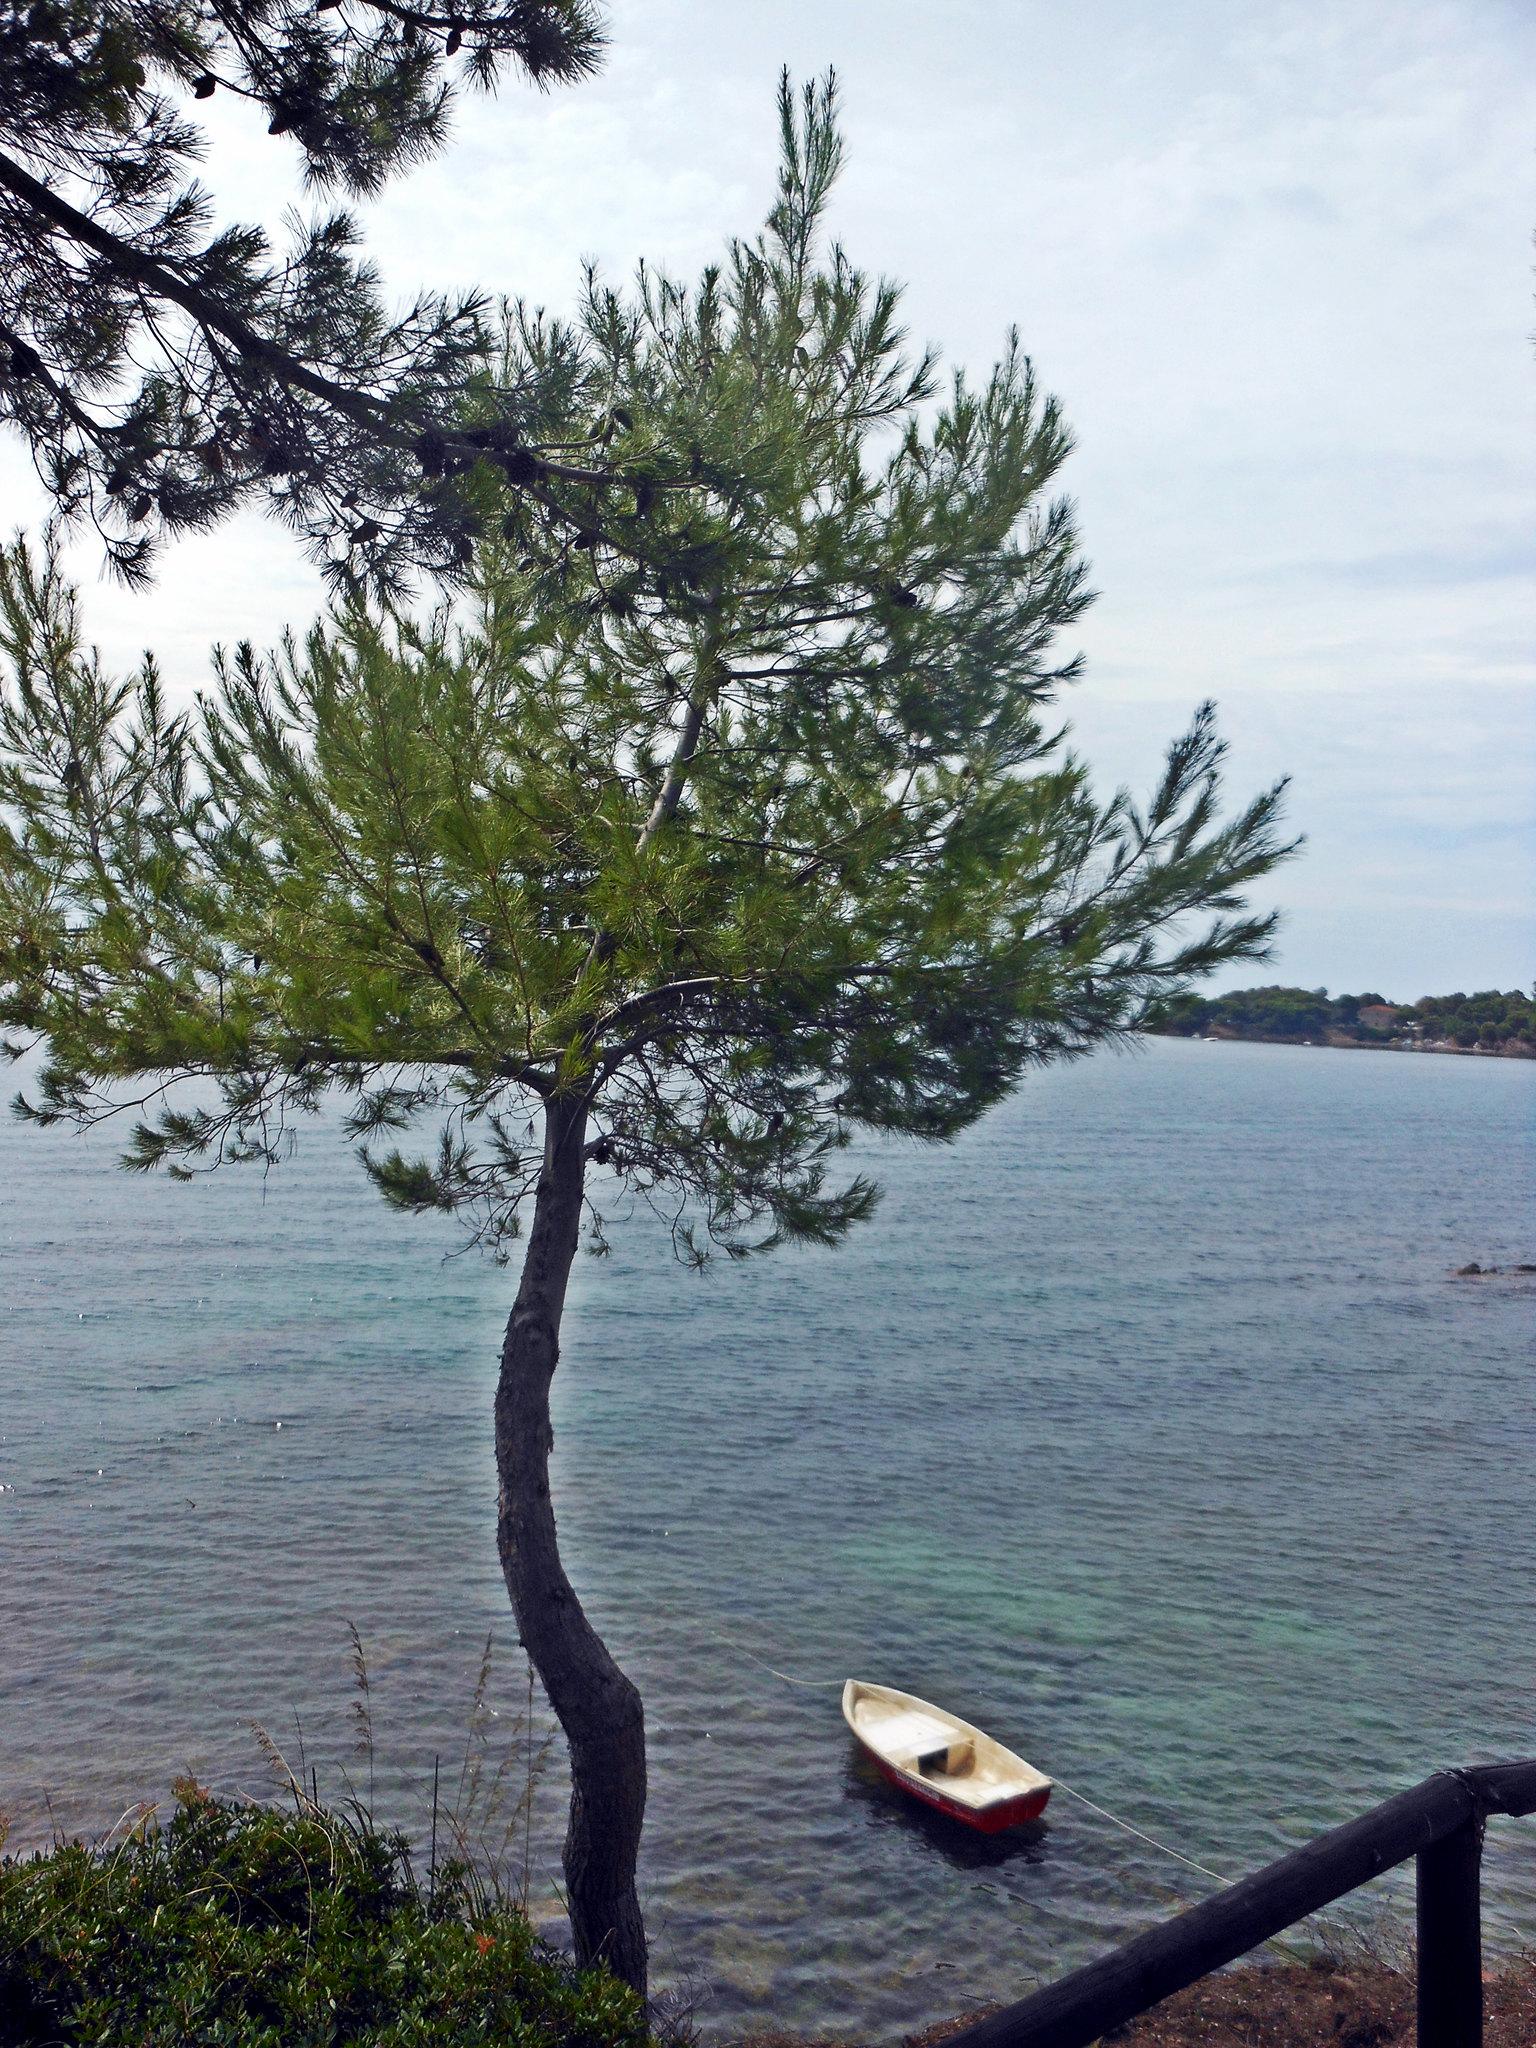 Maritine Pine